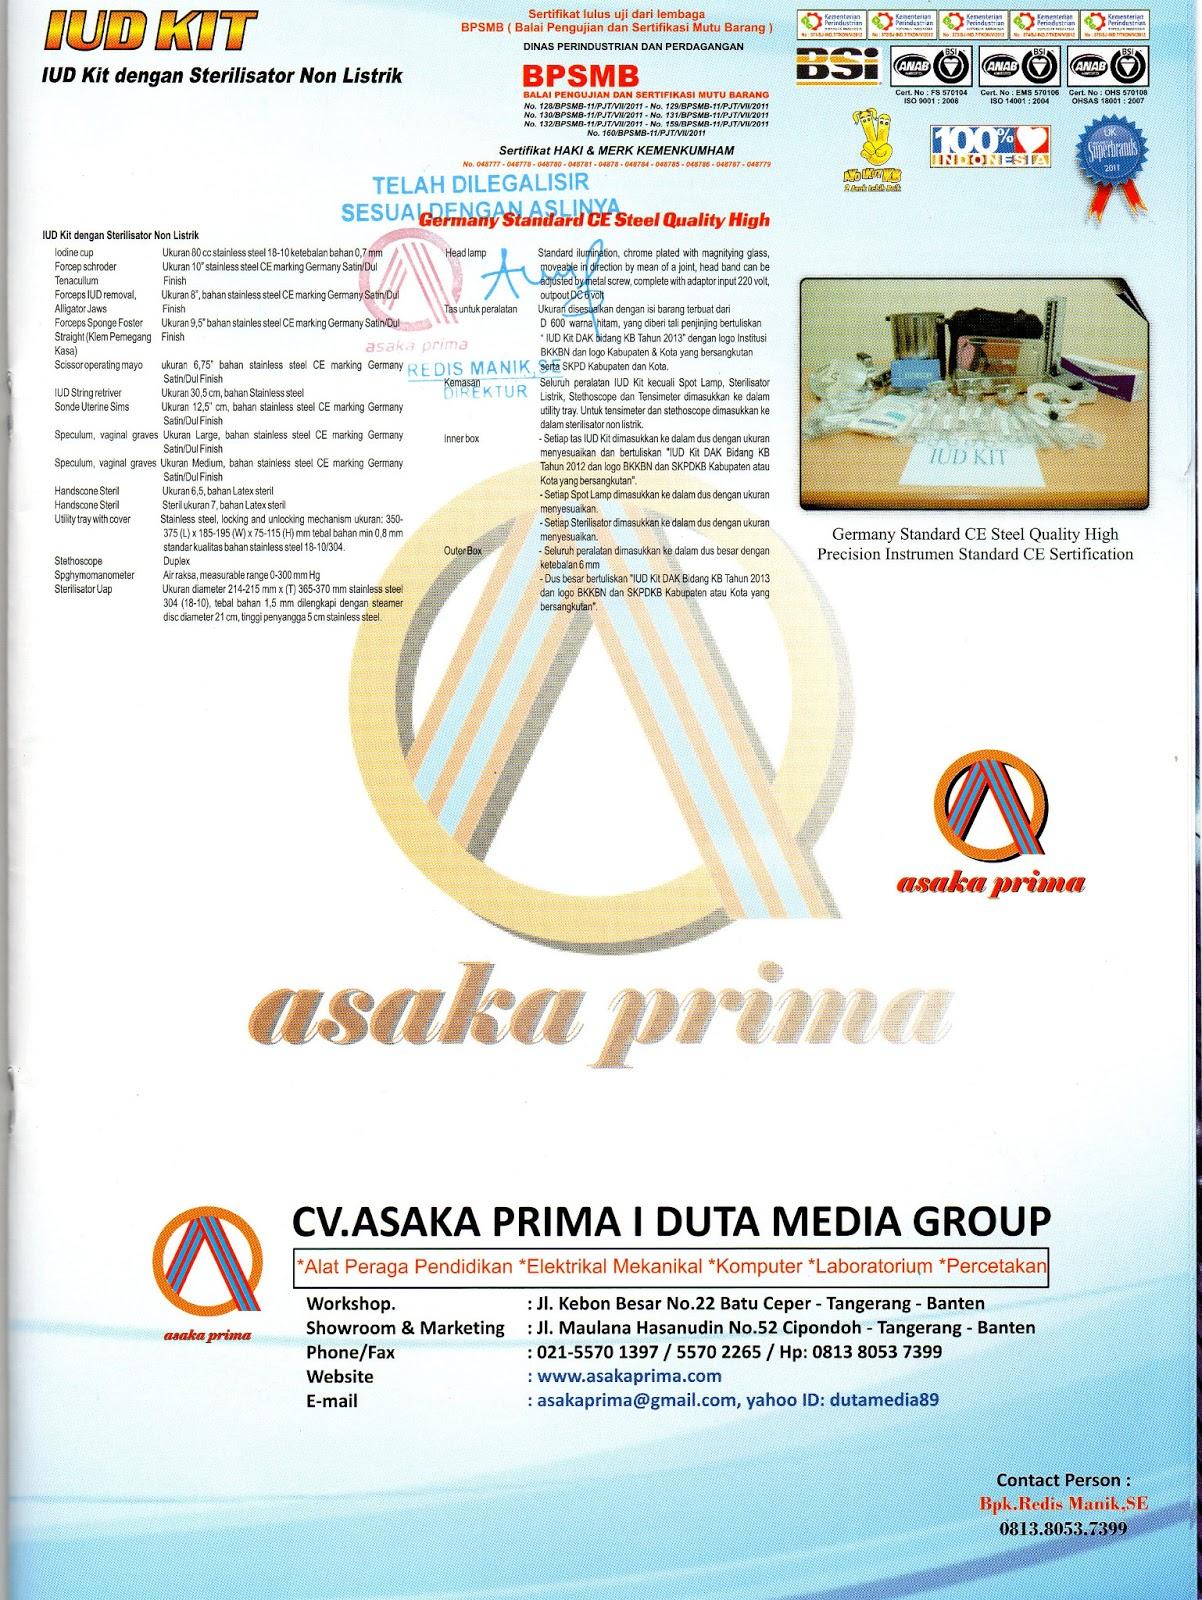 alkes iud-kit 2013, distributor iud kit, iud-kit dakbkkbn, iud-kit-sterilisator-listrik